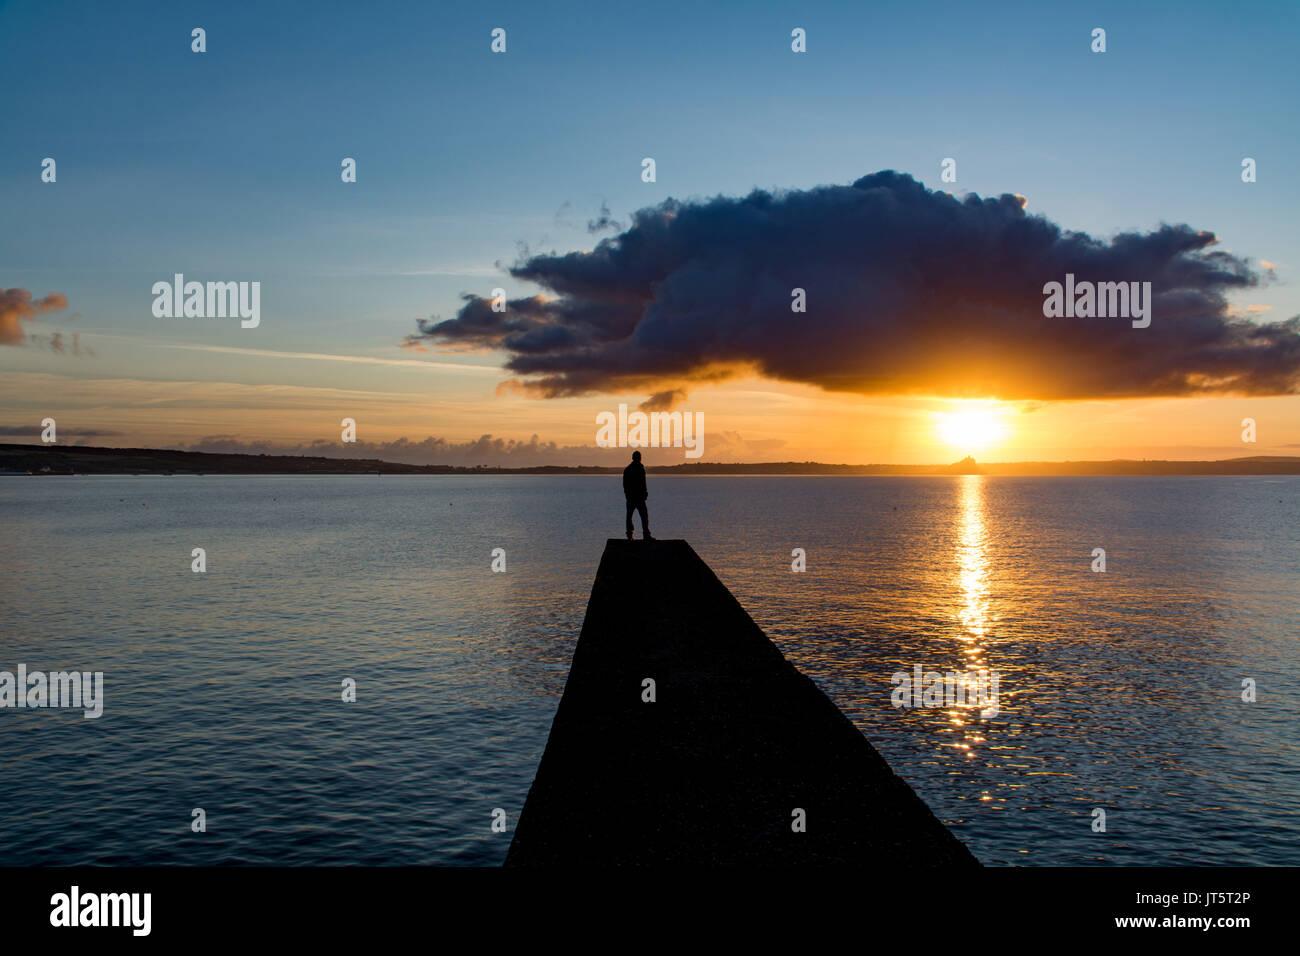 L'homme sur la jetée à la recherche au lever du soleil sous un nuage sombre Photo Stock